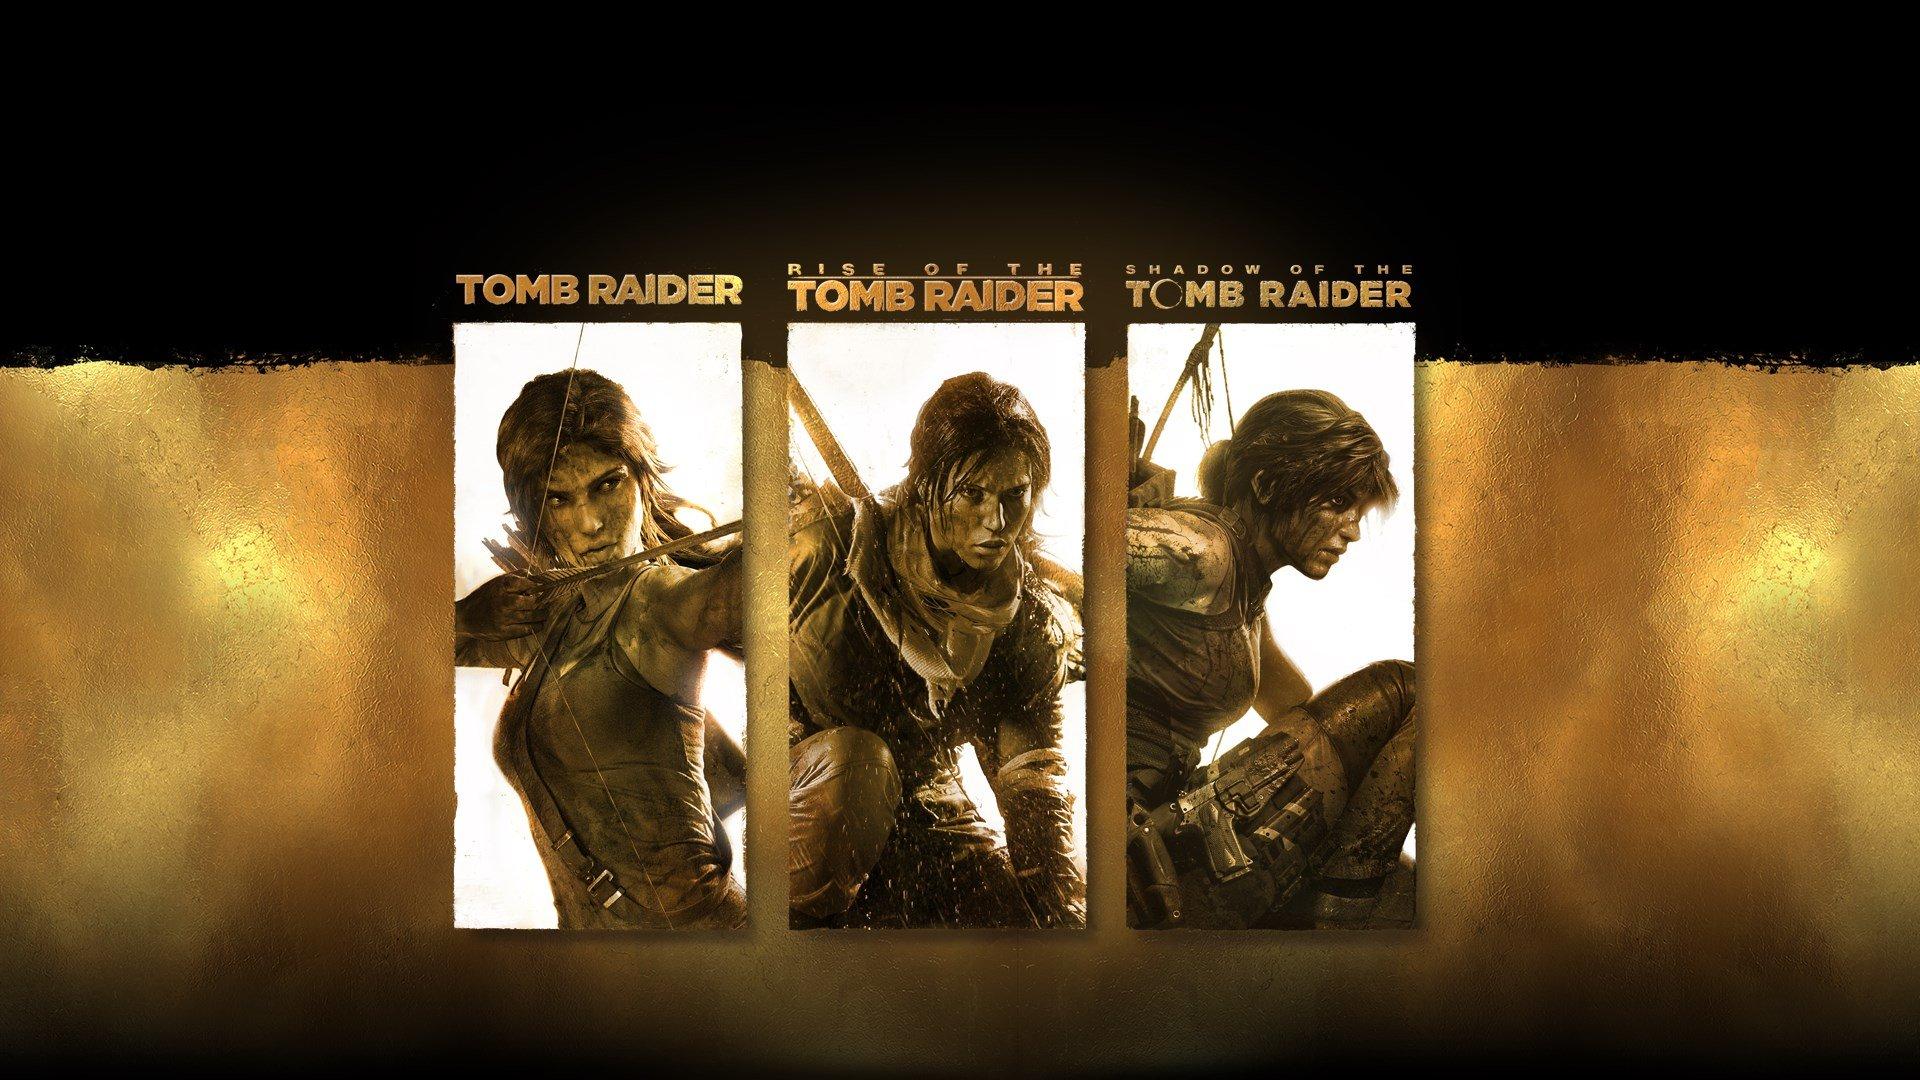 《古墓丽影》三部曲合集现已发售 登陆了PS4和Xbox One